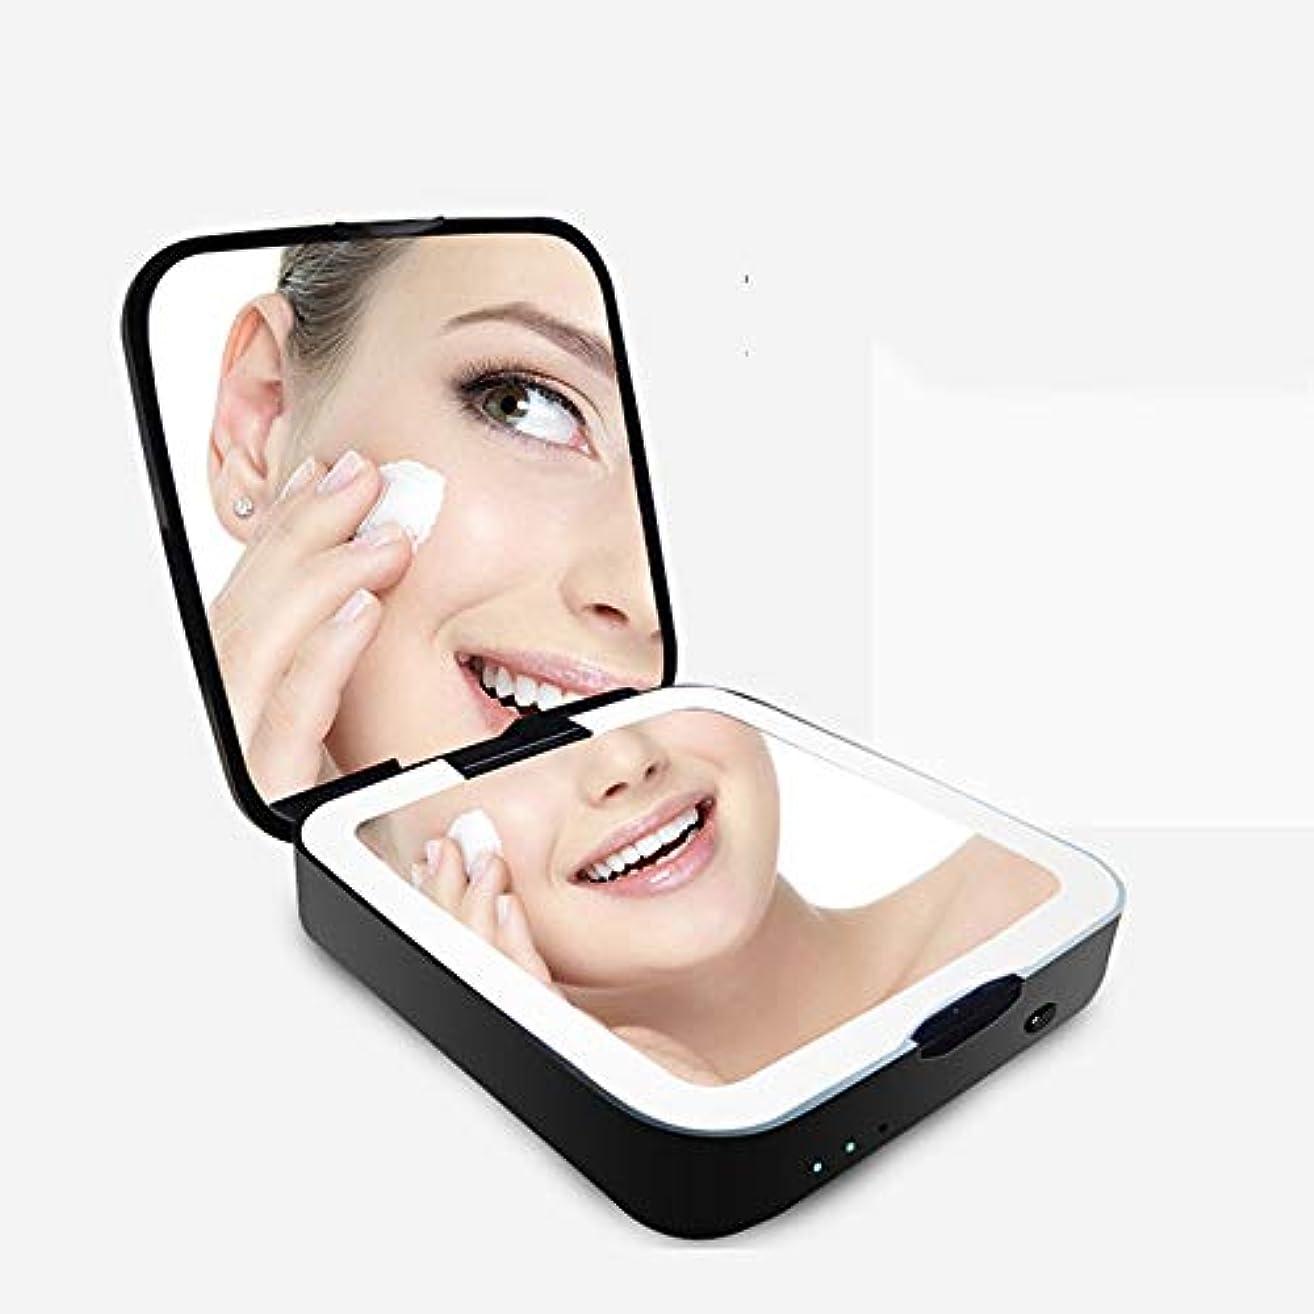 古くなった他の日お金流行の 新しい両面折りたたみLEDライトポータブルポータブルミラー充電宝化粧鏡ABS黒美容ミラー虫眼鏡ナイトライト